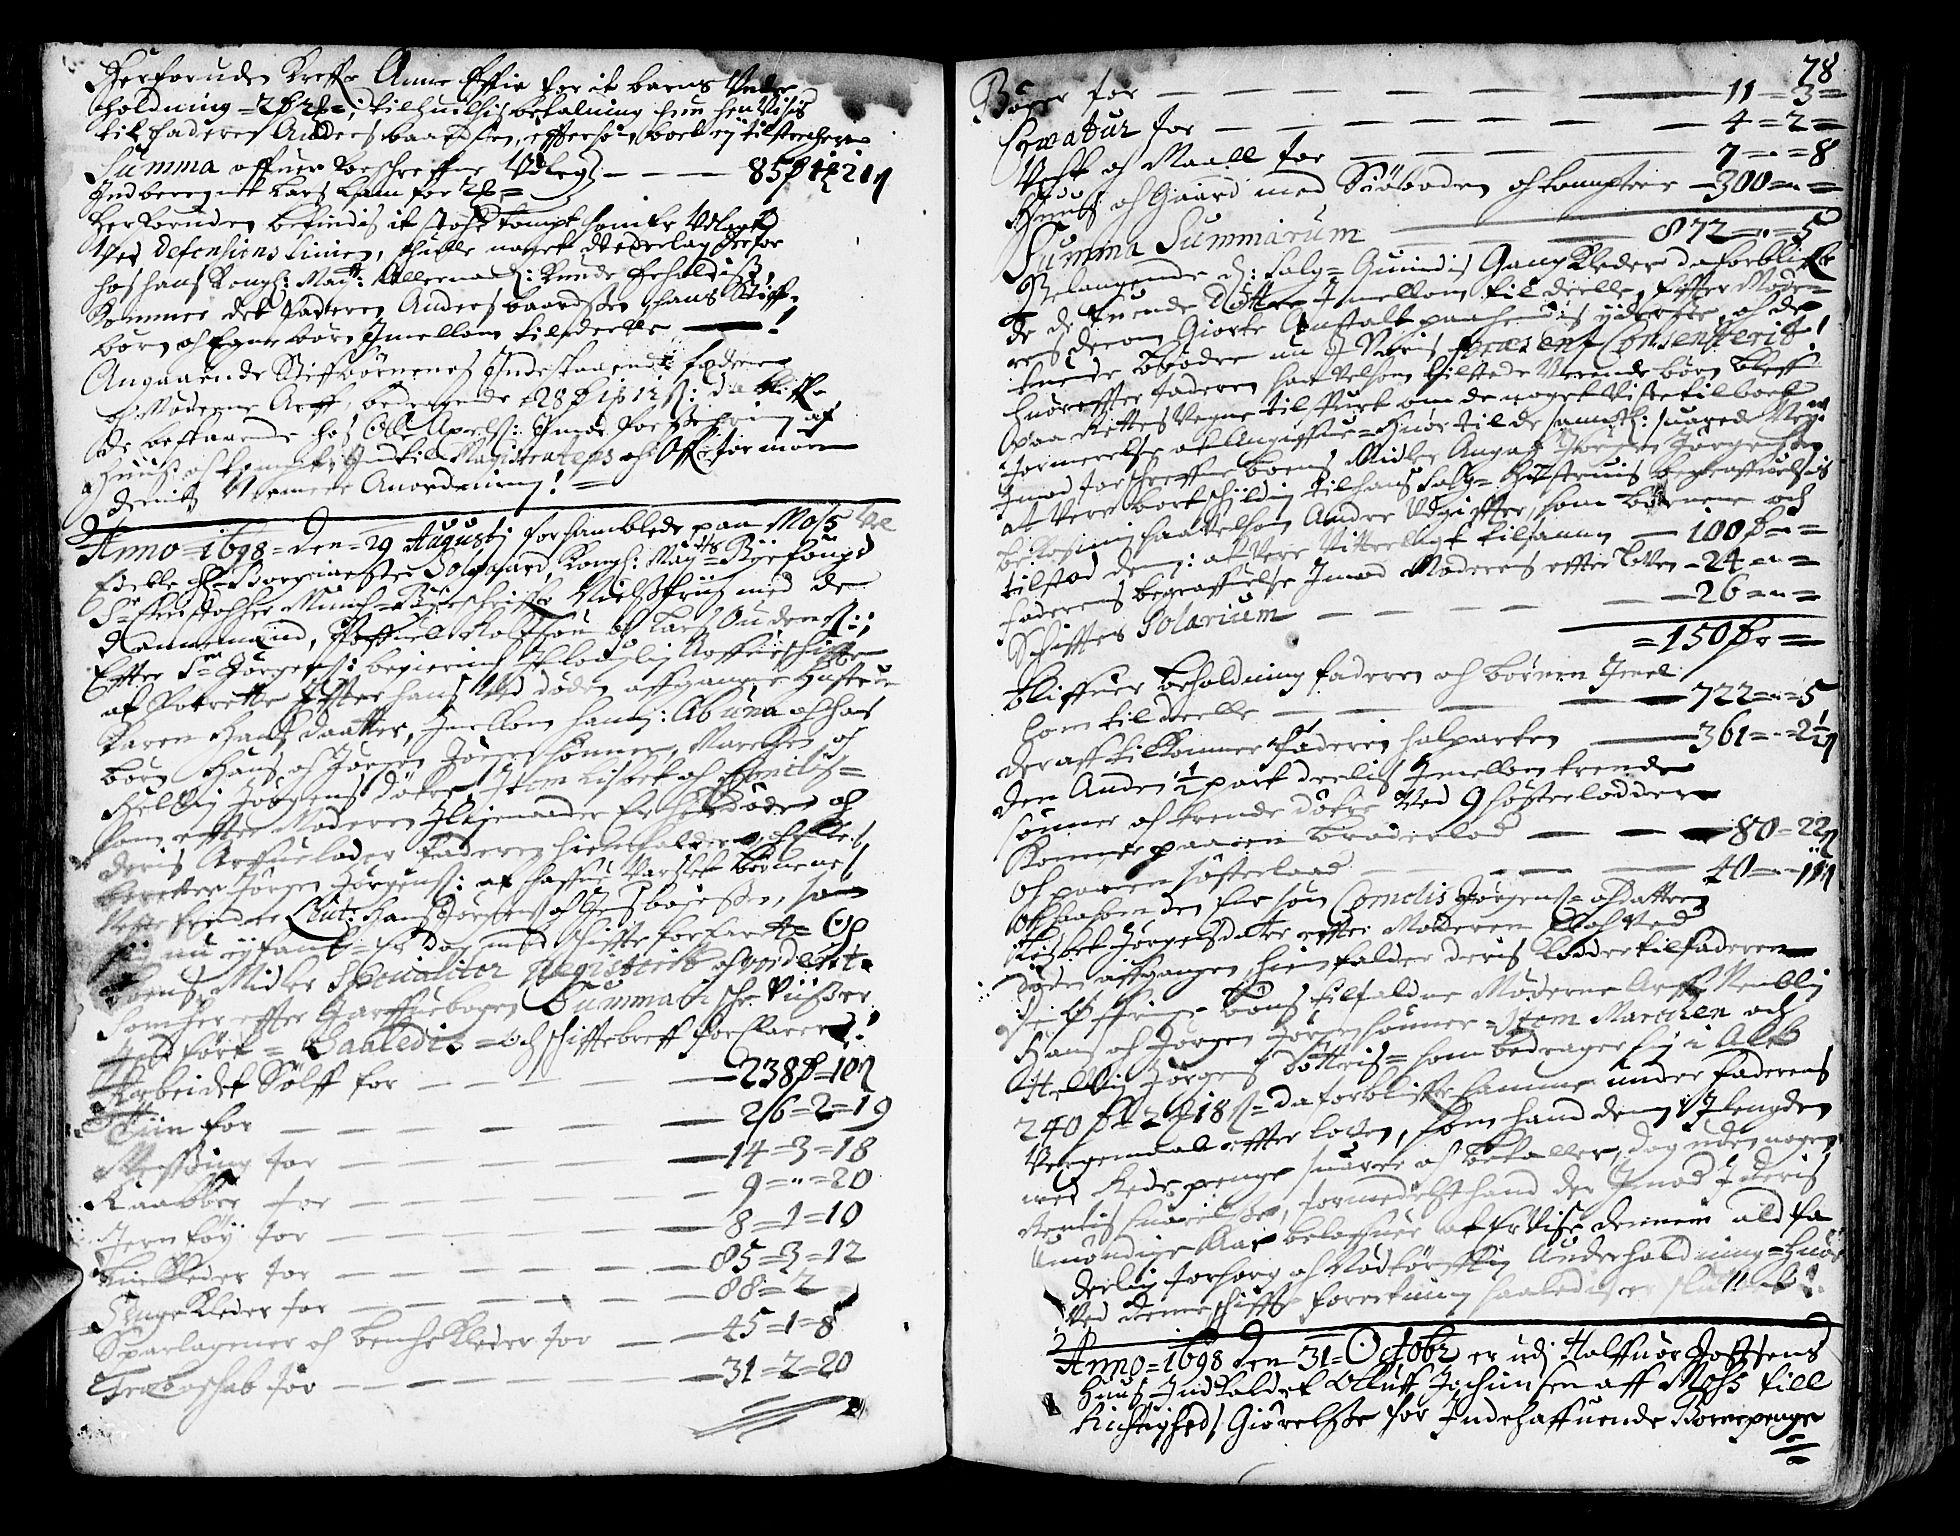 SAO, Fredrikstad byfogd, H/Hb/L0003: Skifteprotokoll, 1694-1723, s. 77b-78a